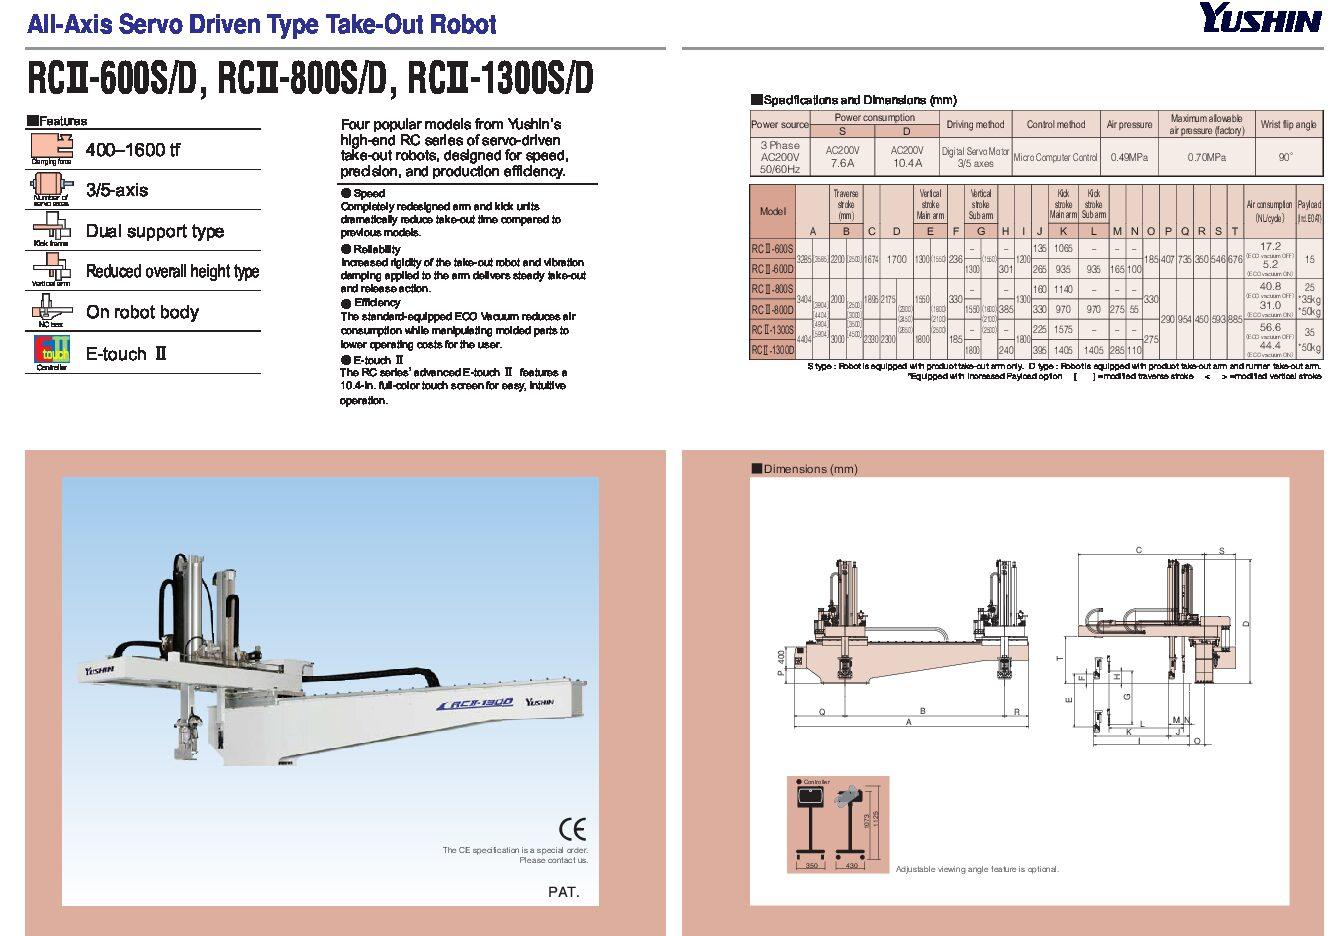 RC2 6008001300sd en 1 pdf